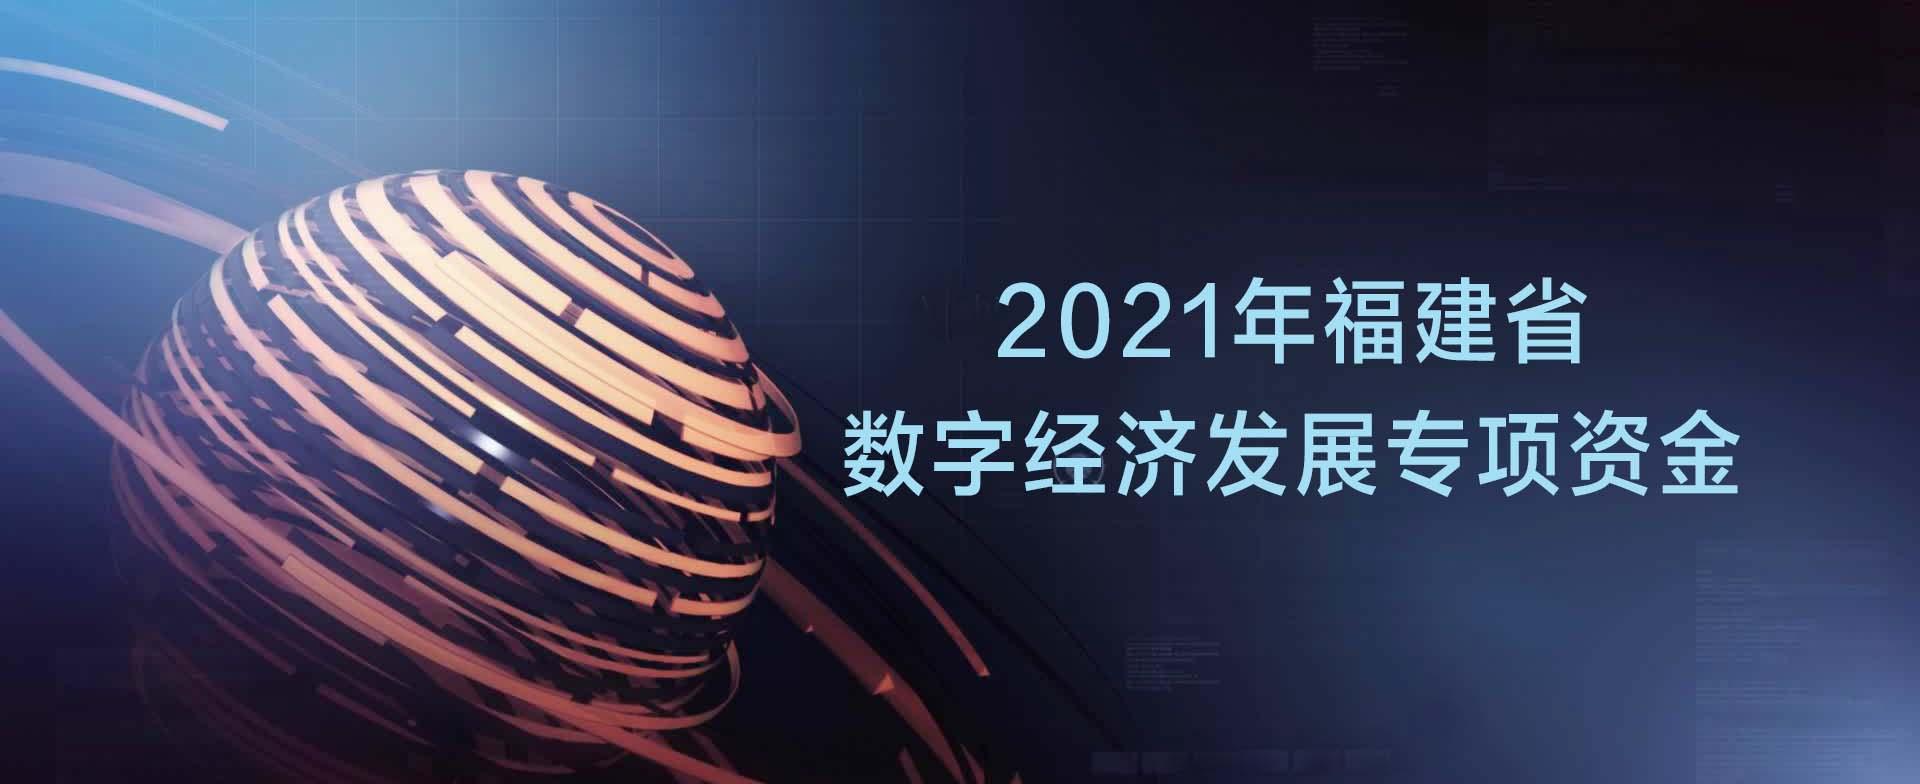 2021年福建省数字经济发展专项资金来啦~